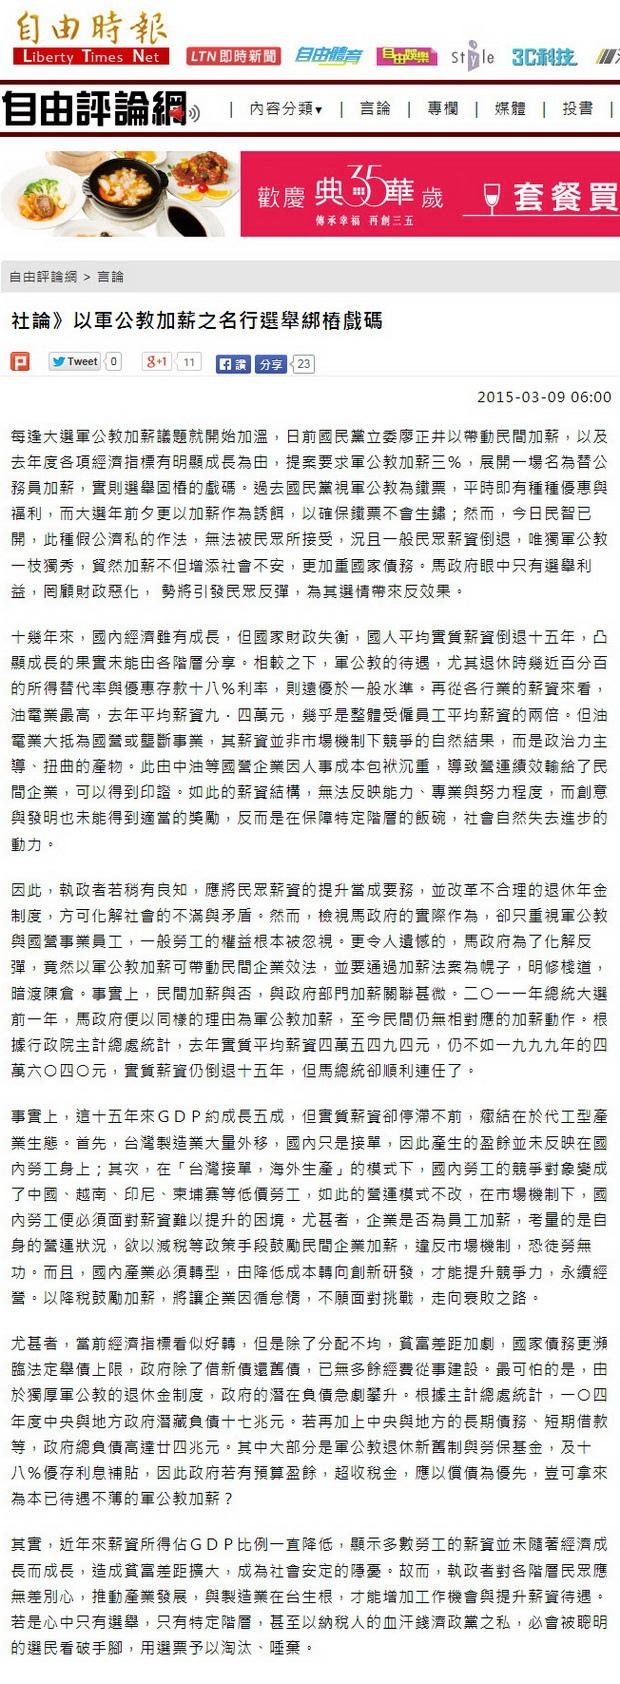 以軍公教加薪之名行選舉綁樁戲碼-2015.03.09.jpg